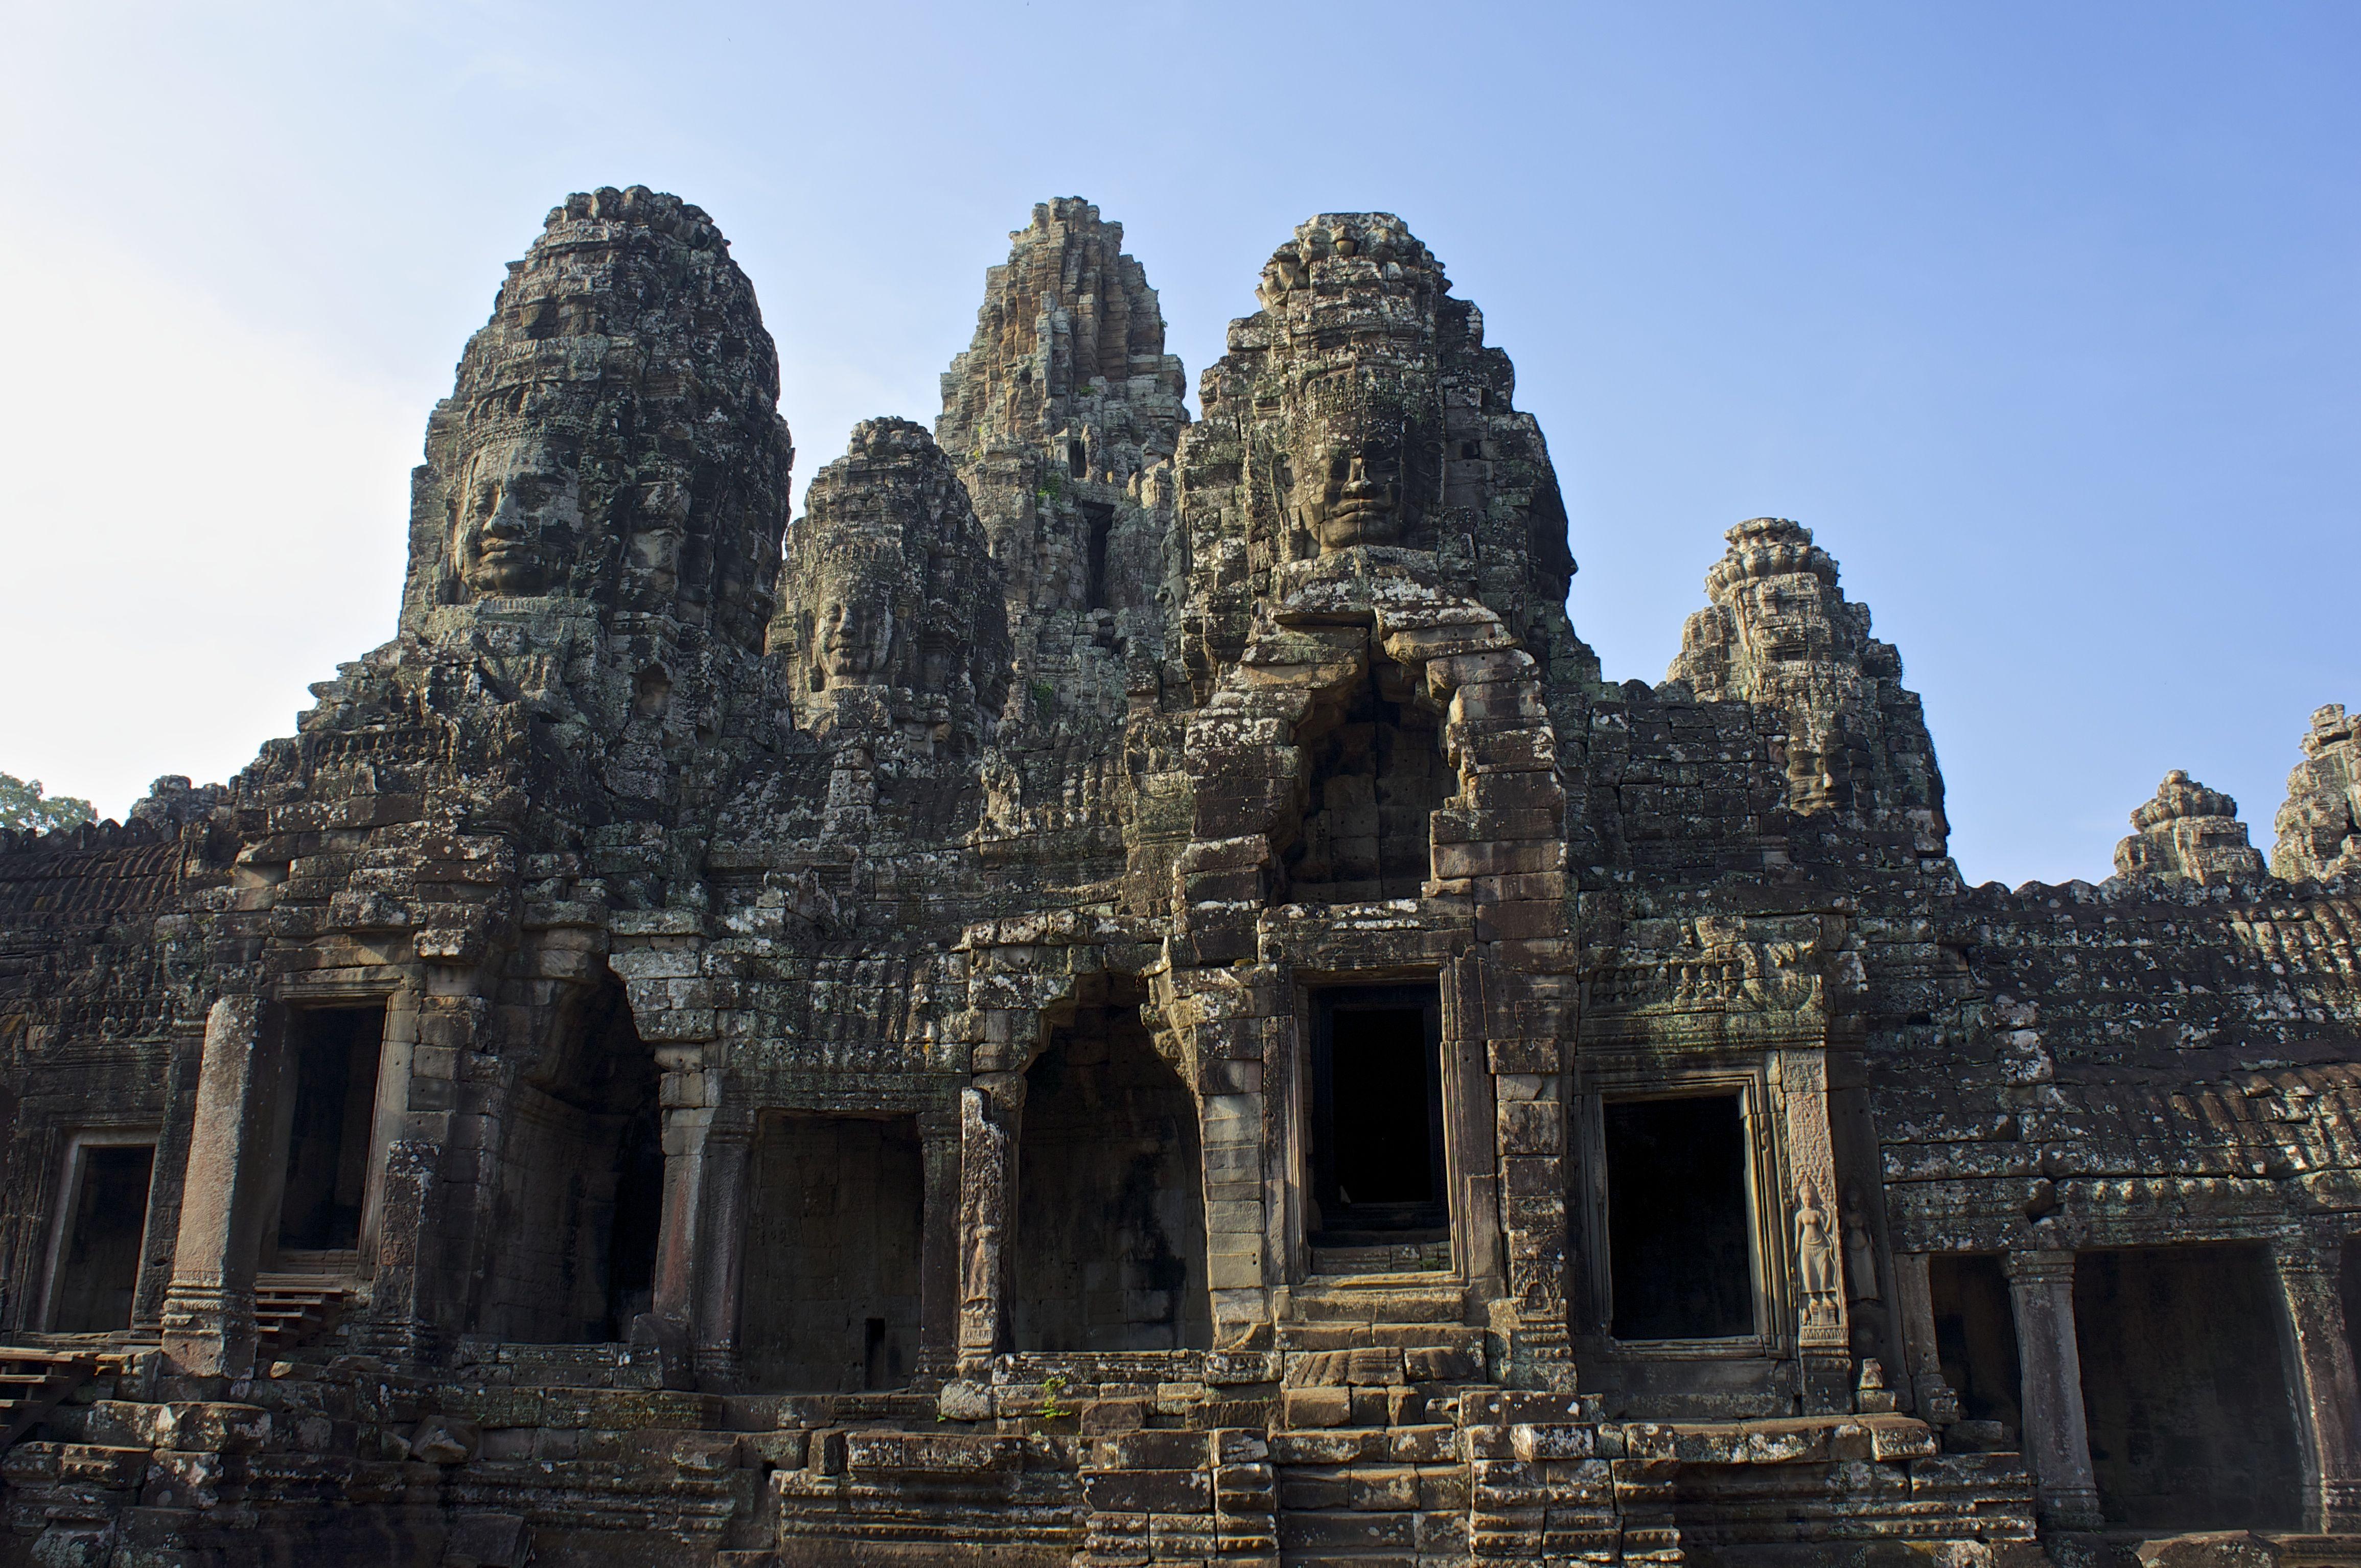 Отдых в камбодже: сколько стоит, что посмотреть, как организовать